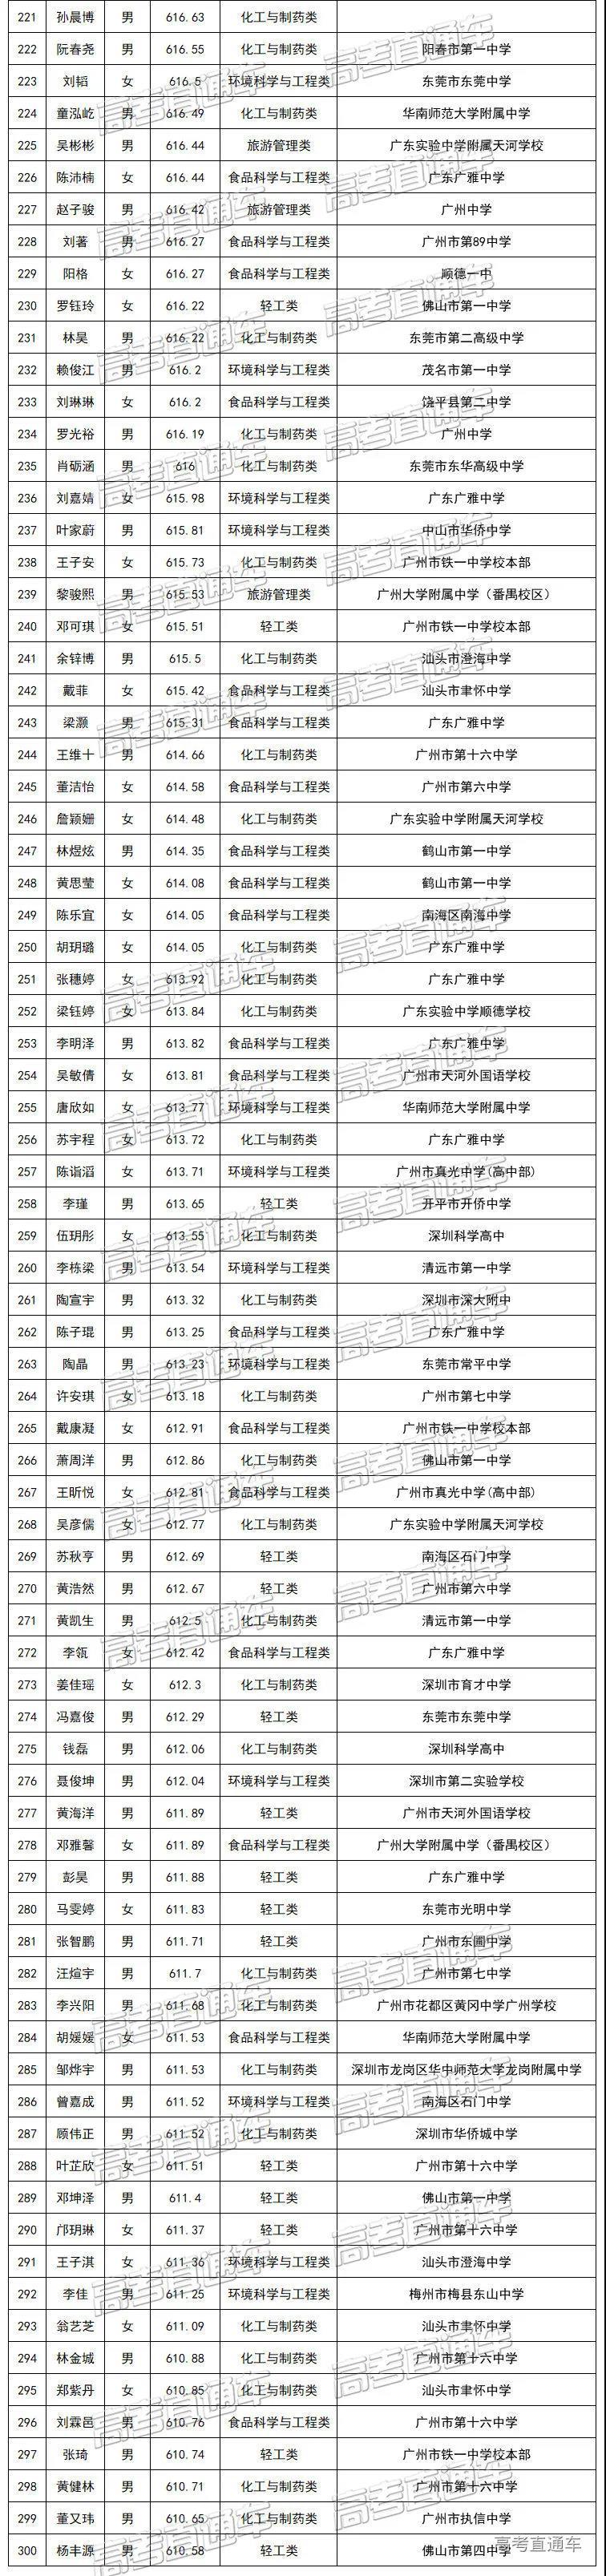 华南理工大学2020年综合评价广东省录取考生名单4